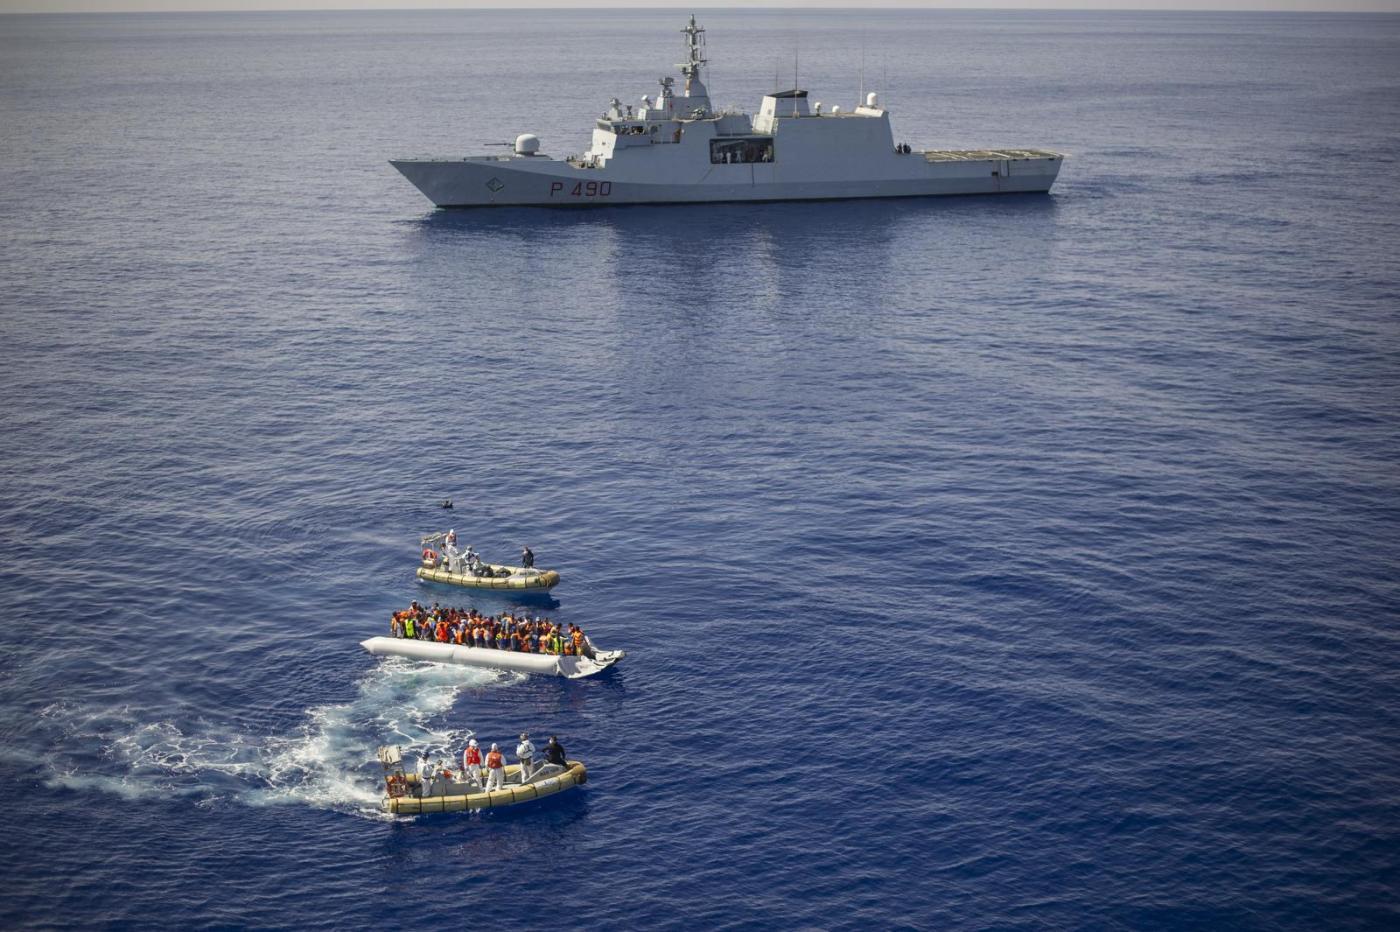 Canale di Sicilia: la nave della Marina Militare